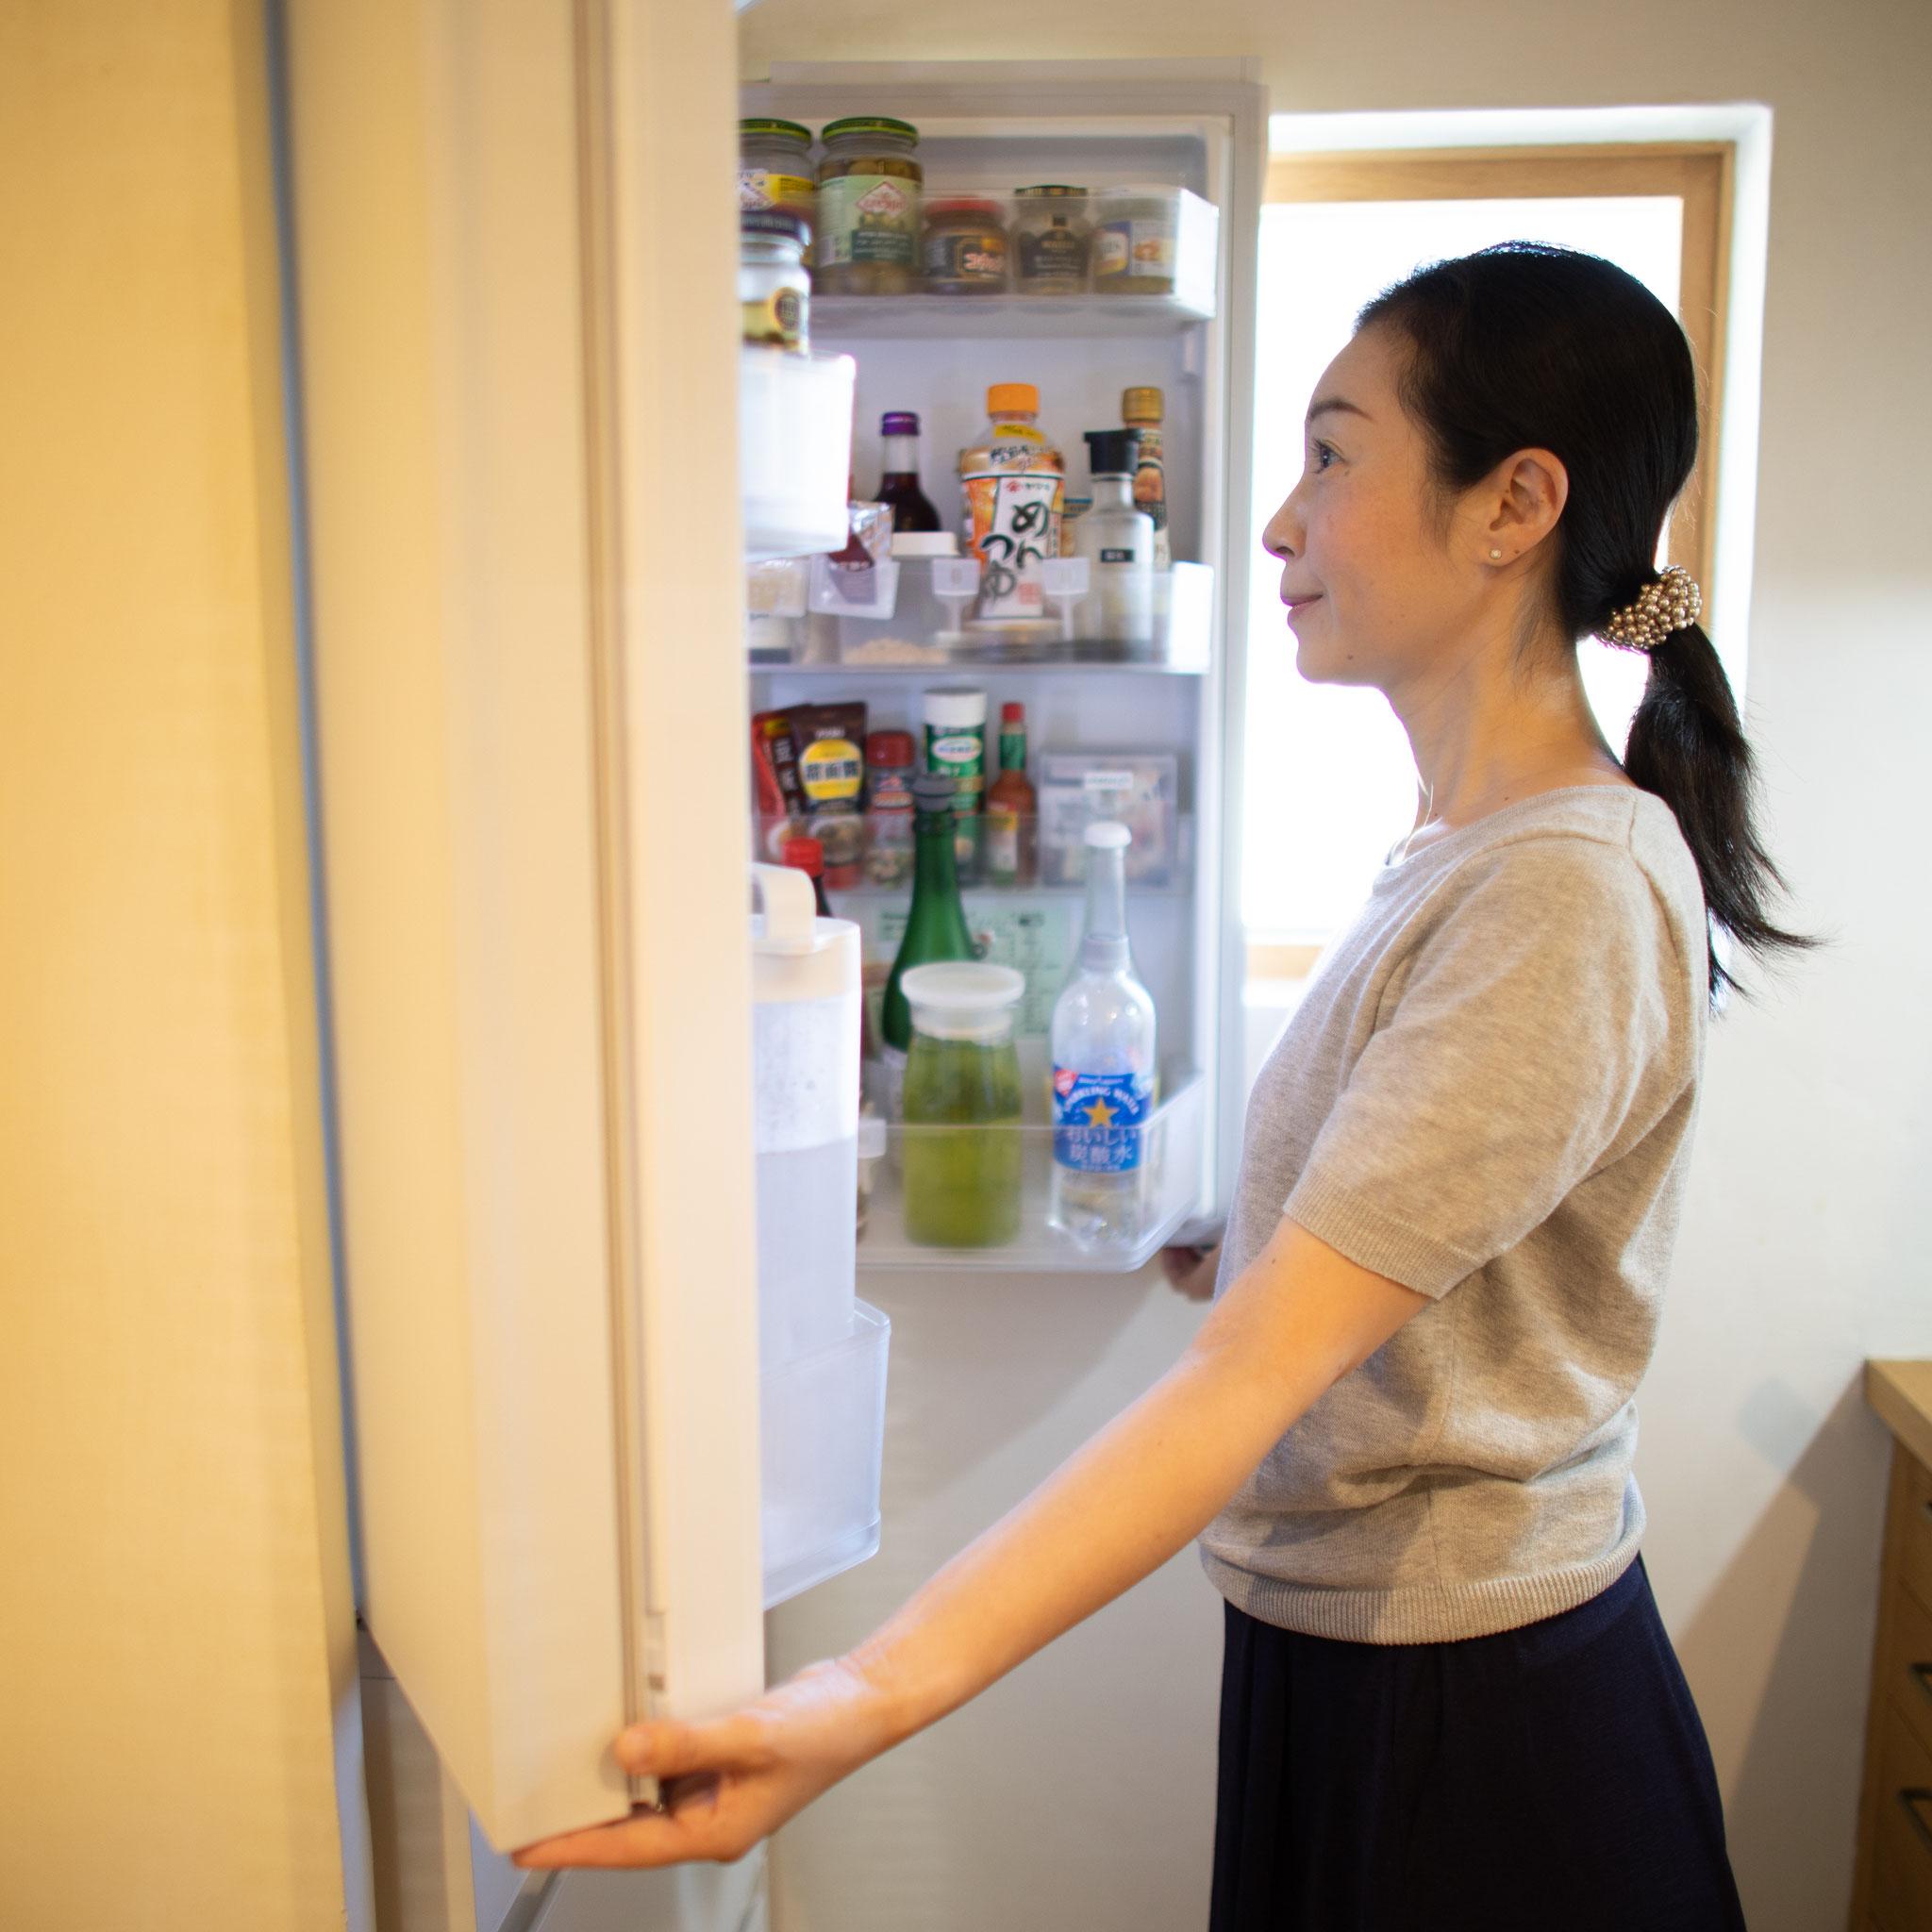 冷蔵室だけなど範囲を決めて食材を出す